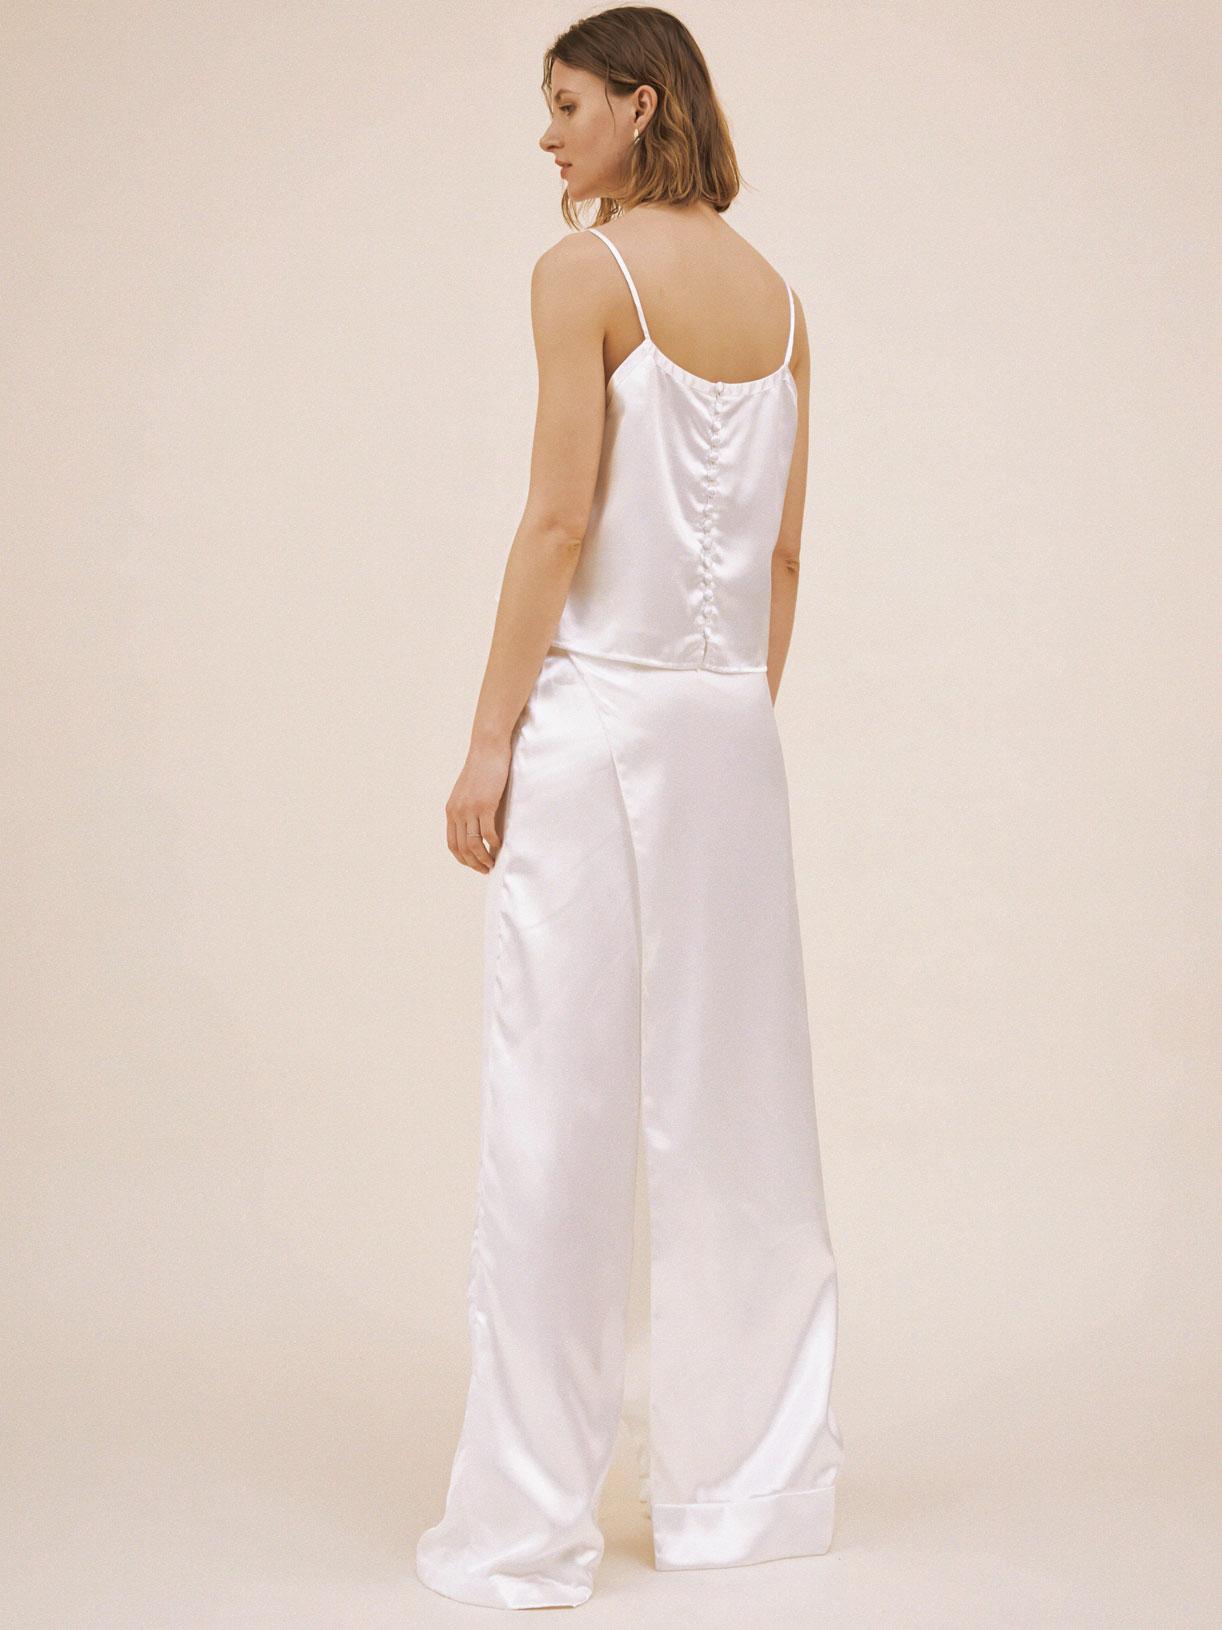 Pantalon tailleur de mariée blanc créateur original et écoresponsable - Creatrice de robe de mariée éthique et bio a Paris - Myphilosophy